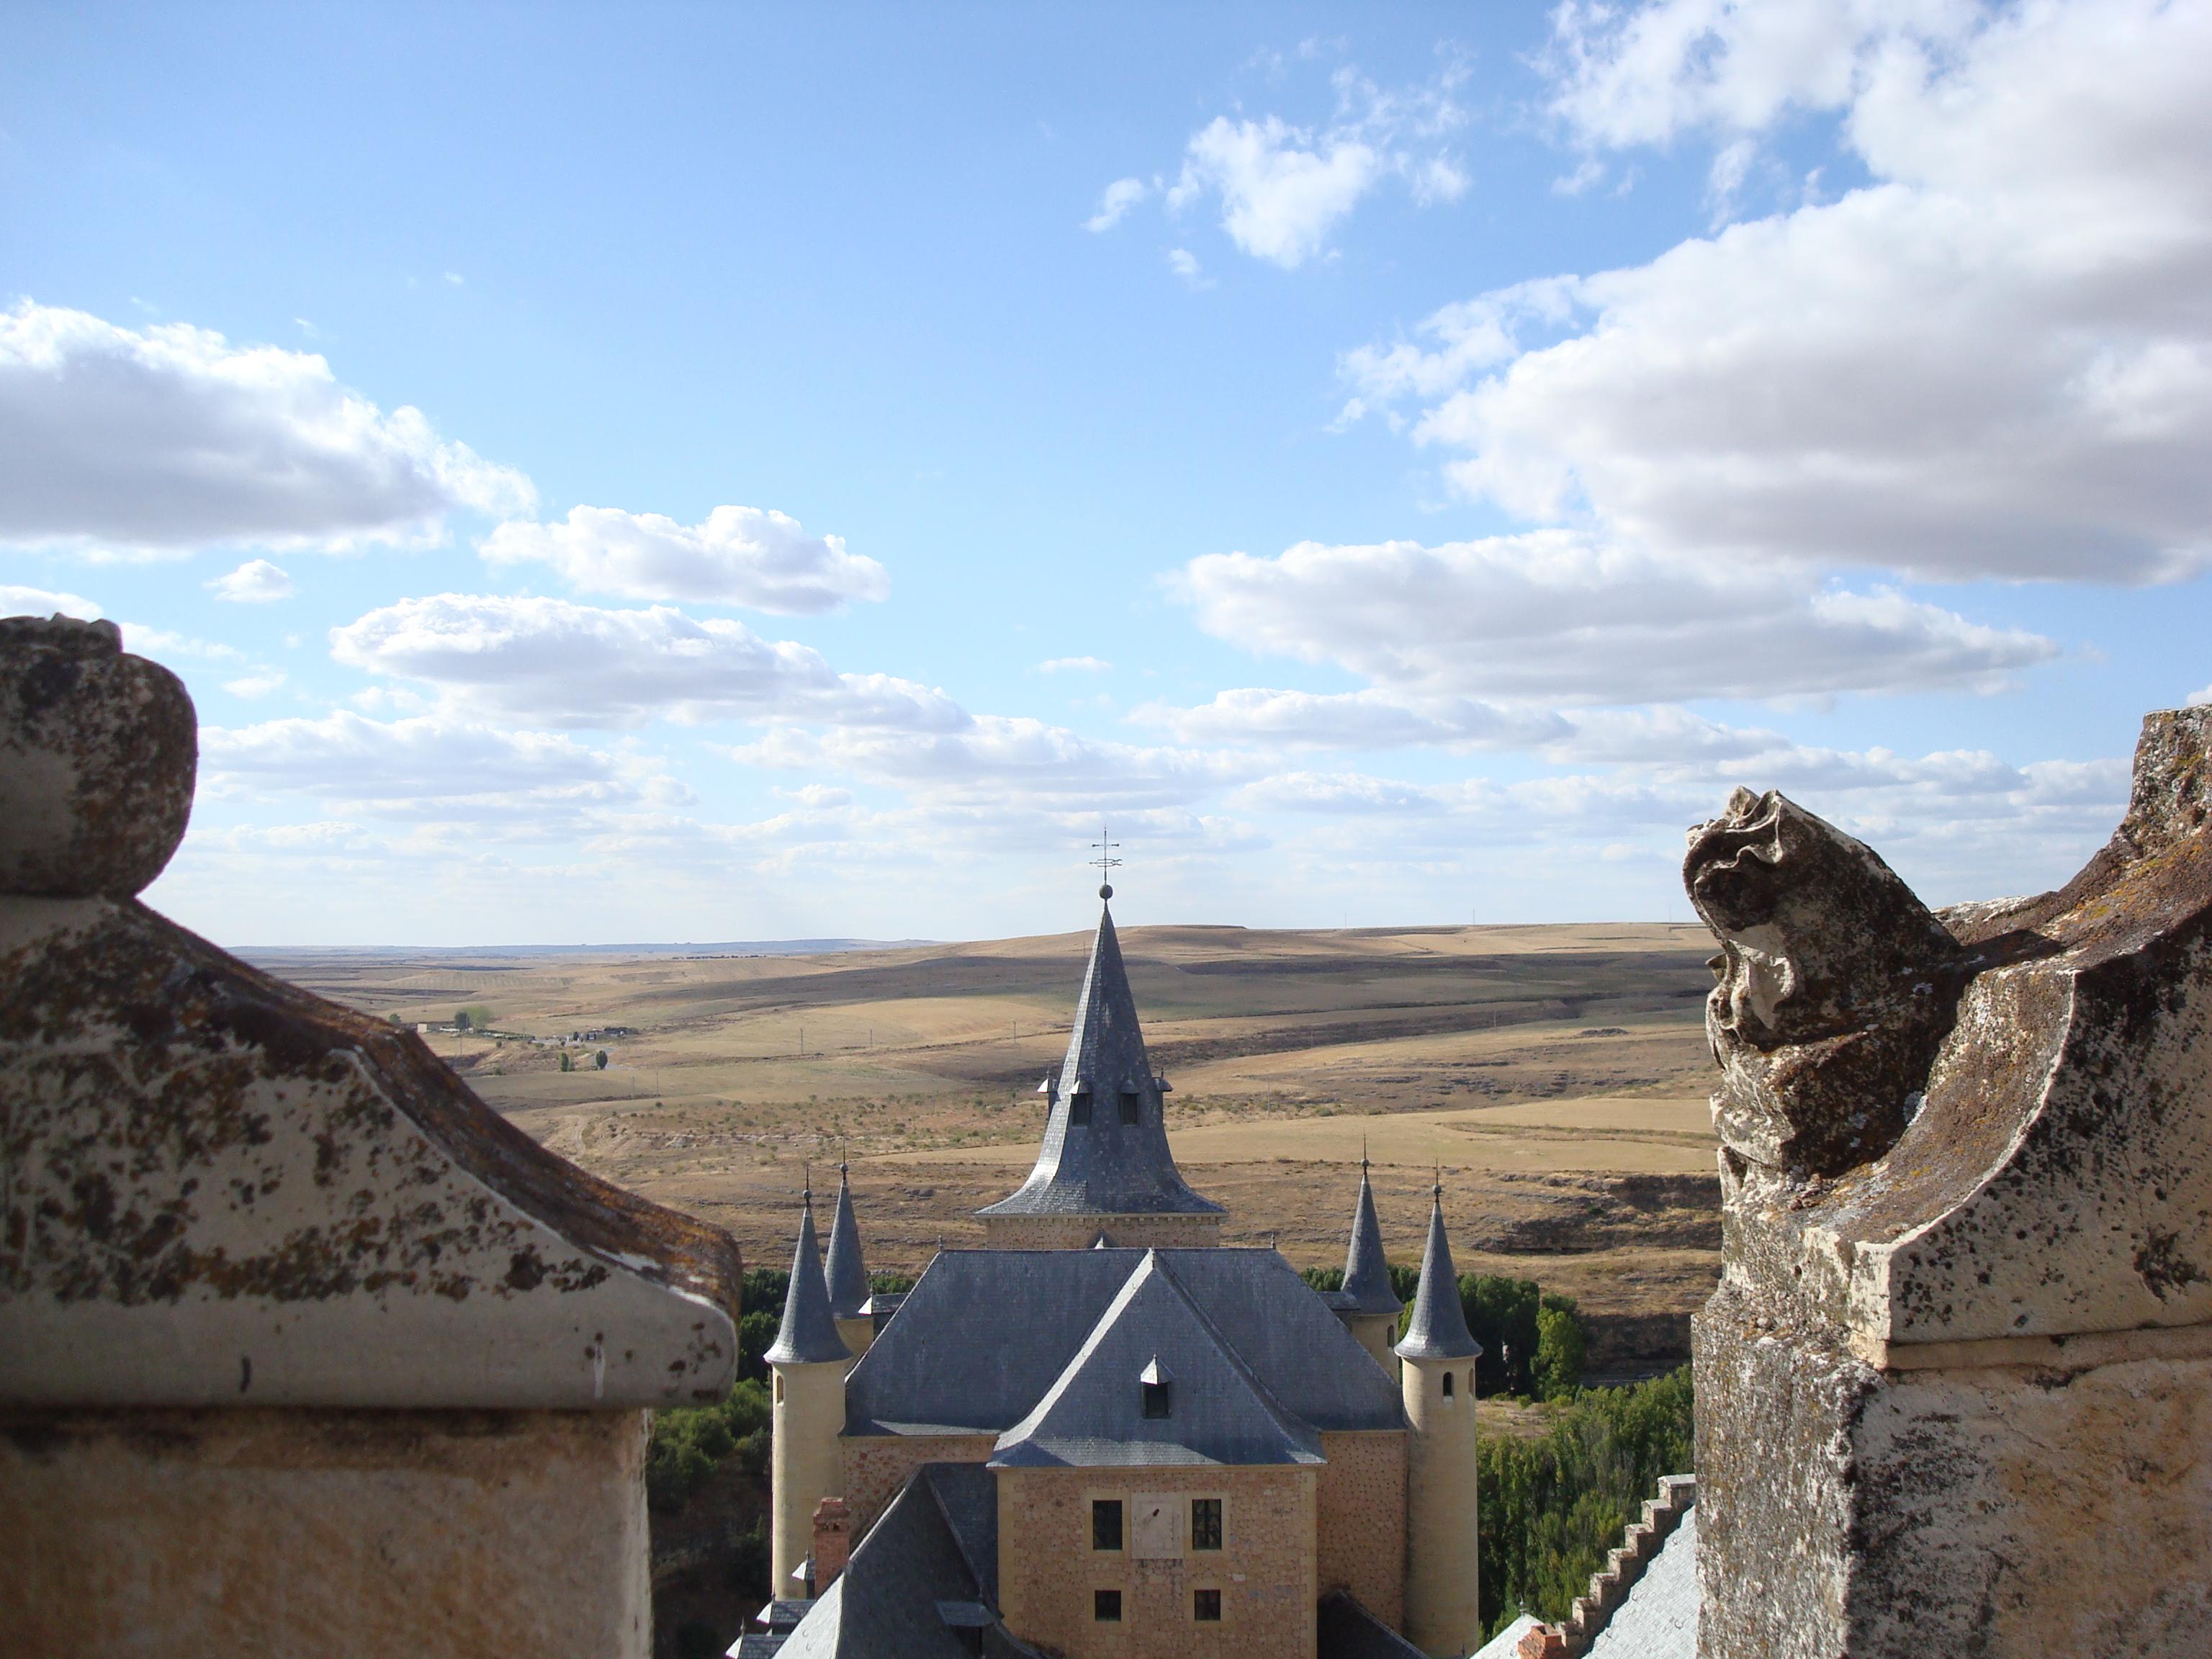 Segoviacastle www.andrewaforbes.com